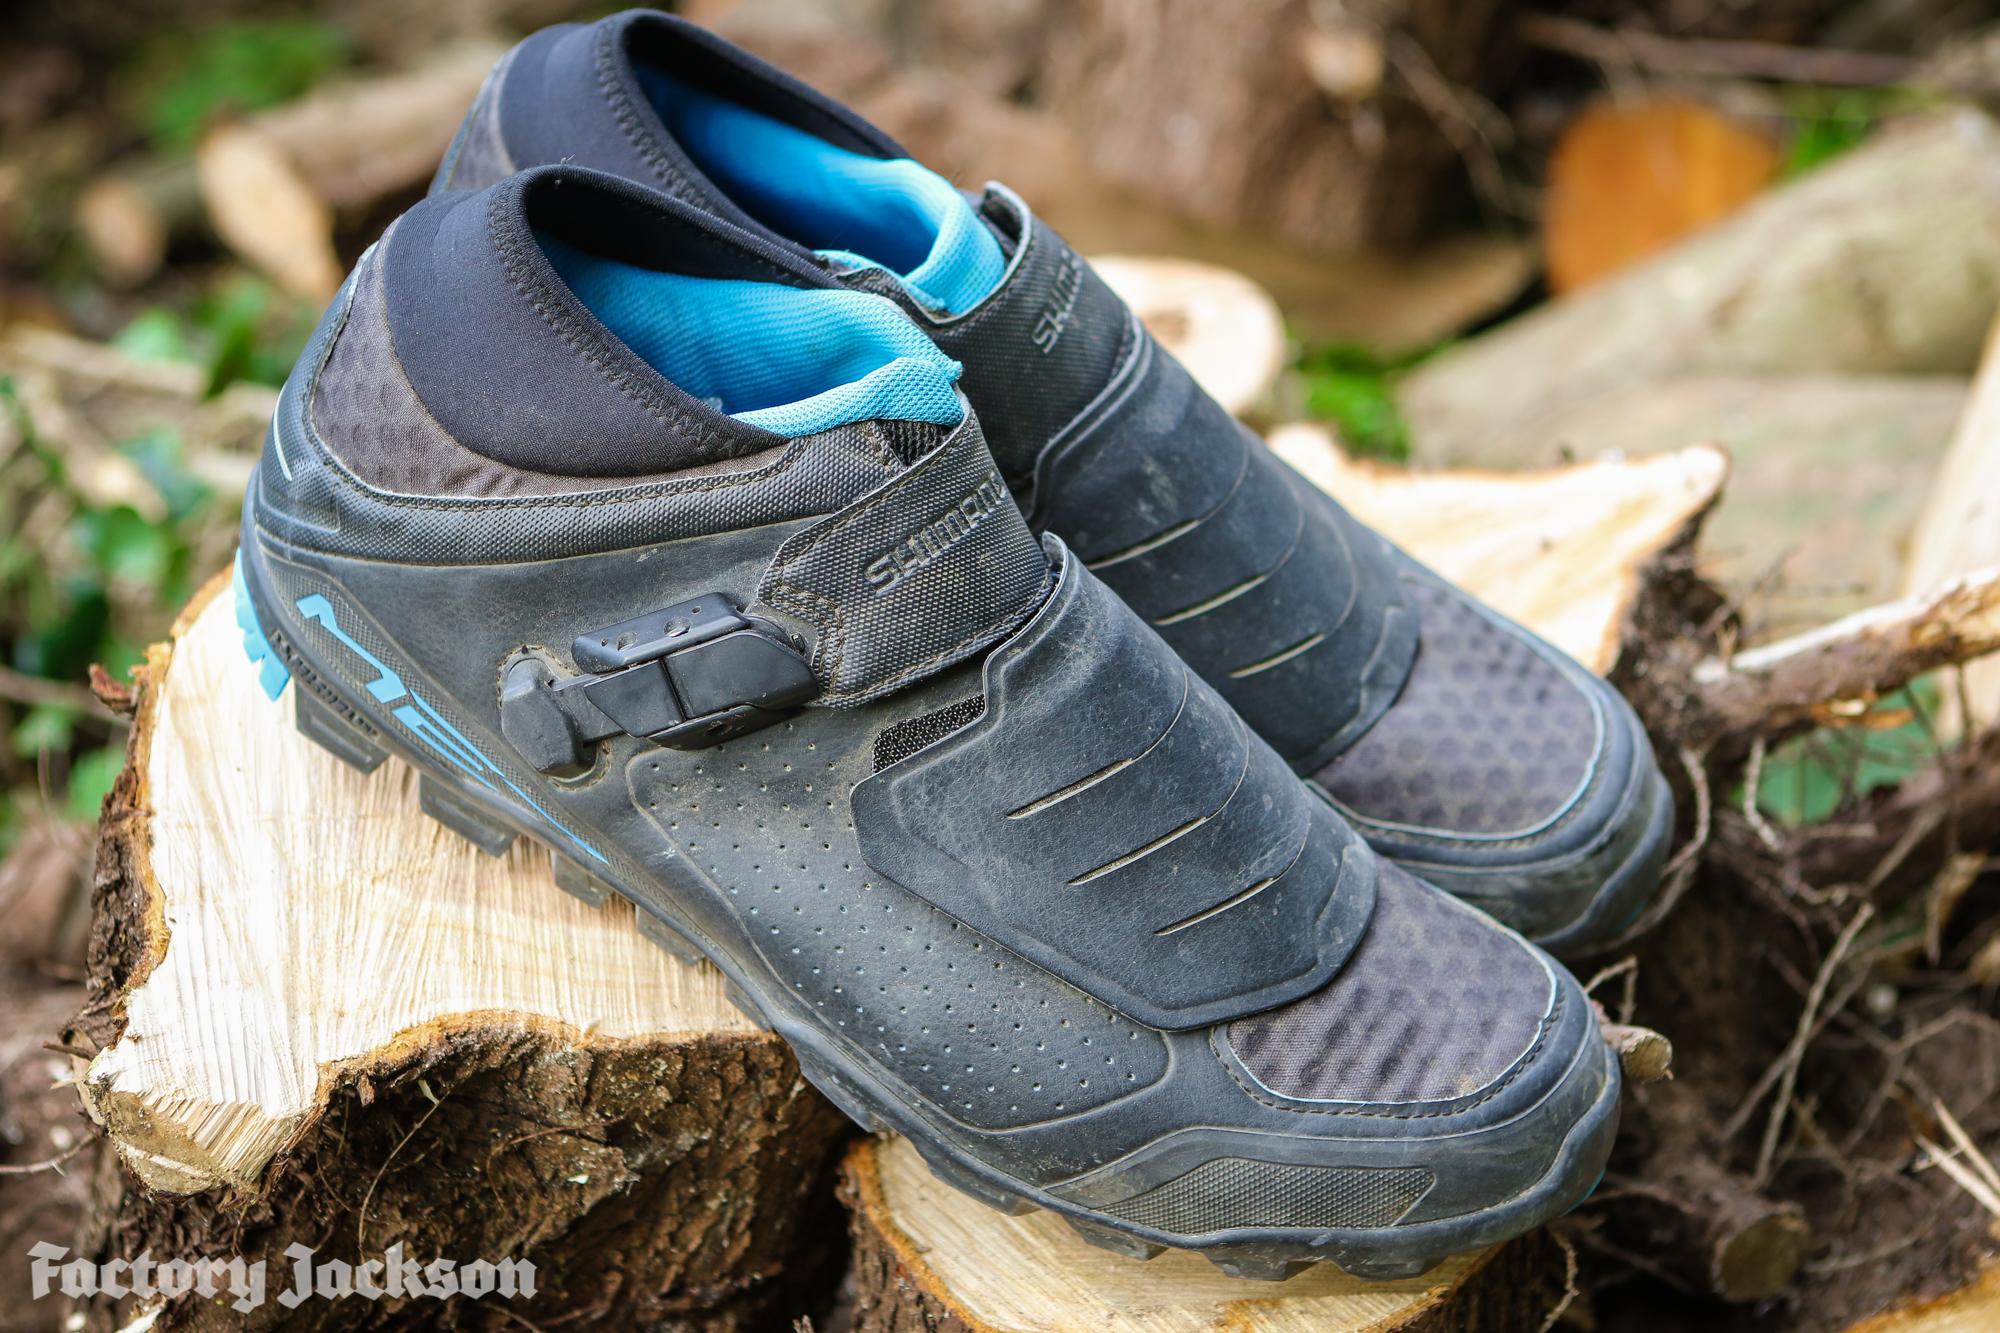 Spd Shoes Review